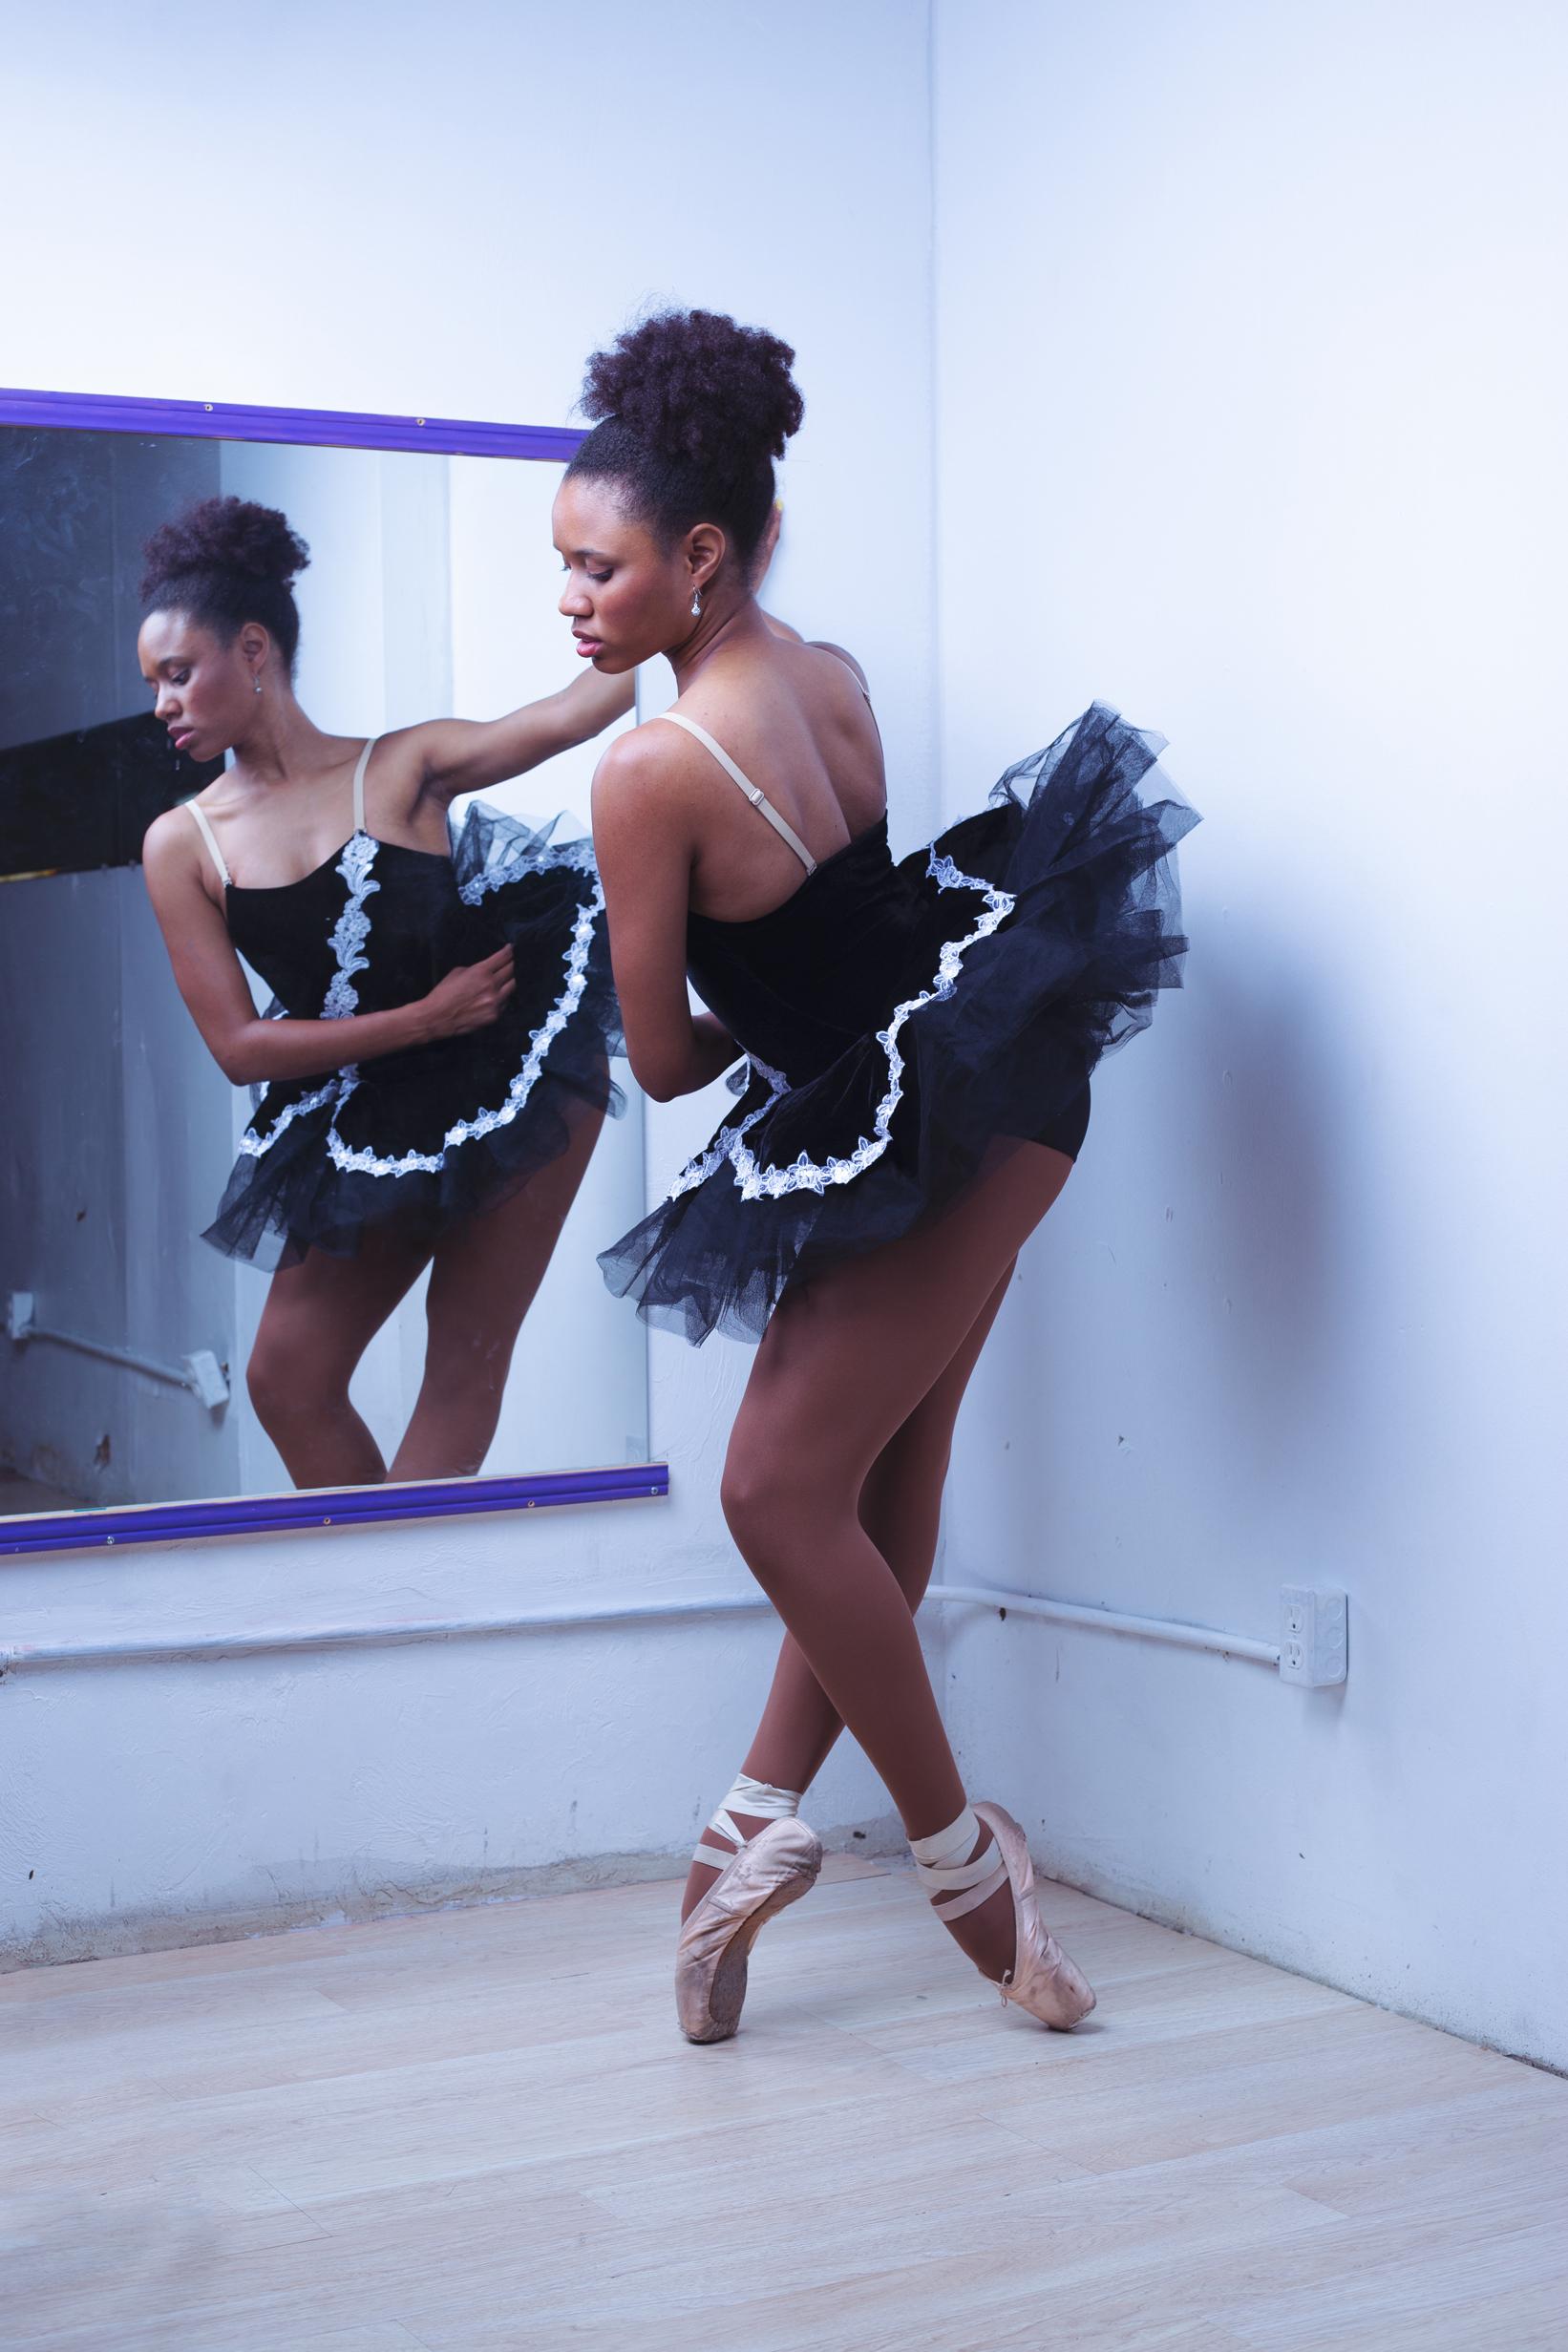 ballet-dancer-chamber-photographer-antoine-hart-tutu-4.jpg